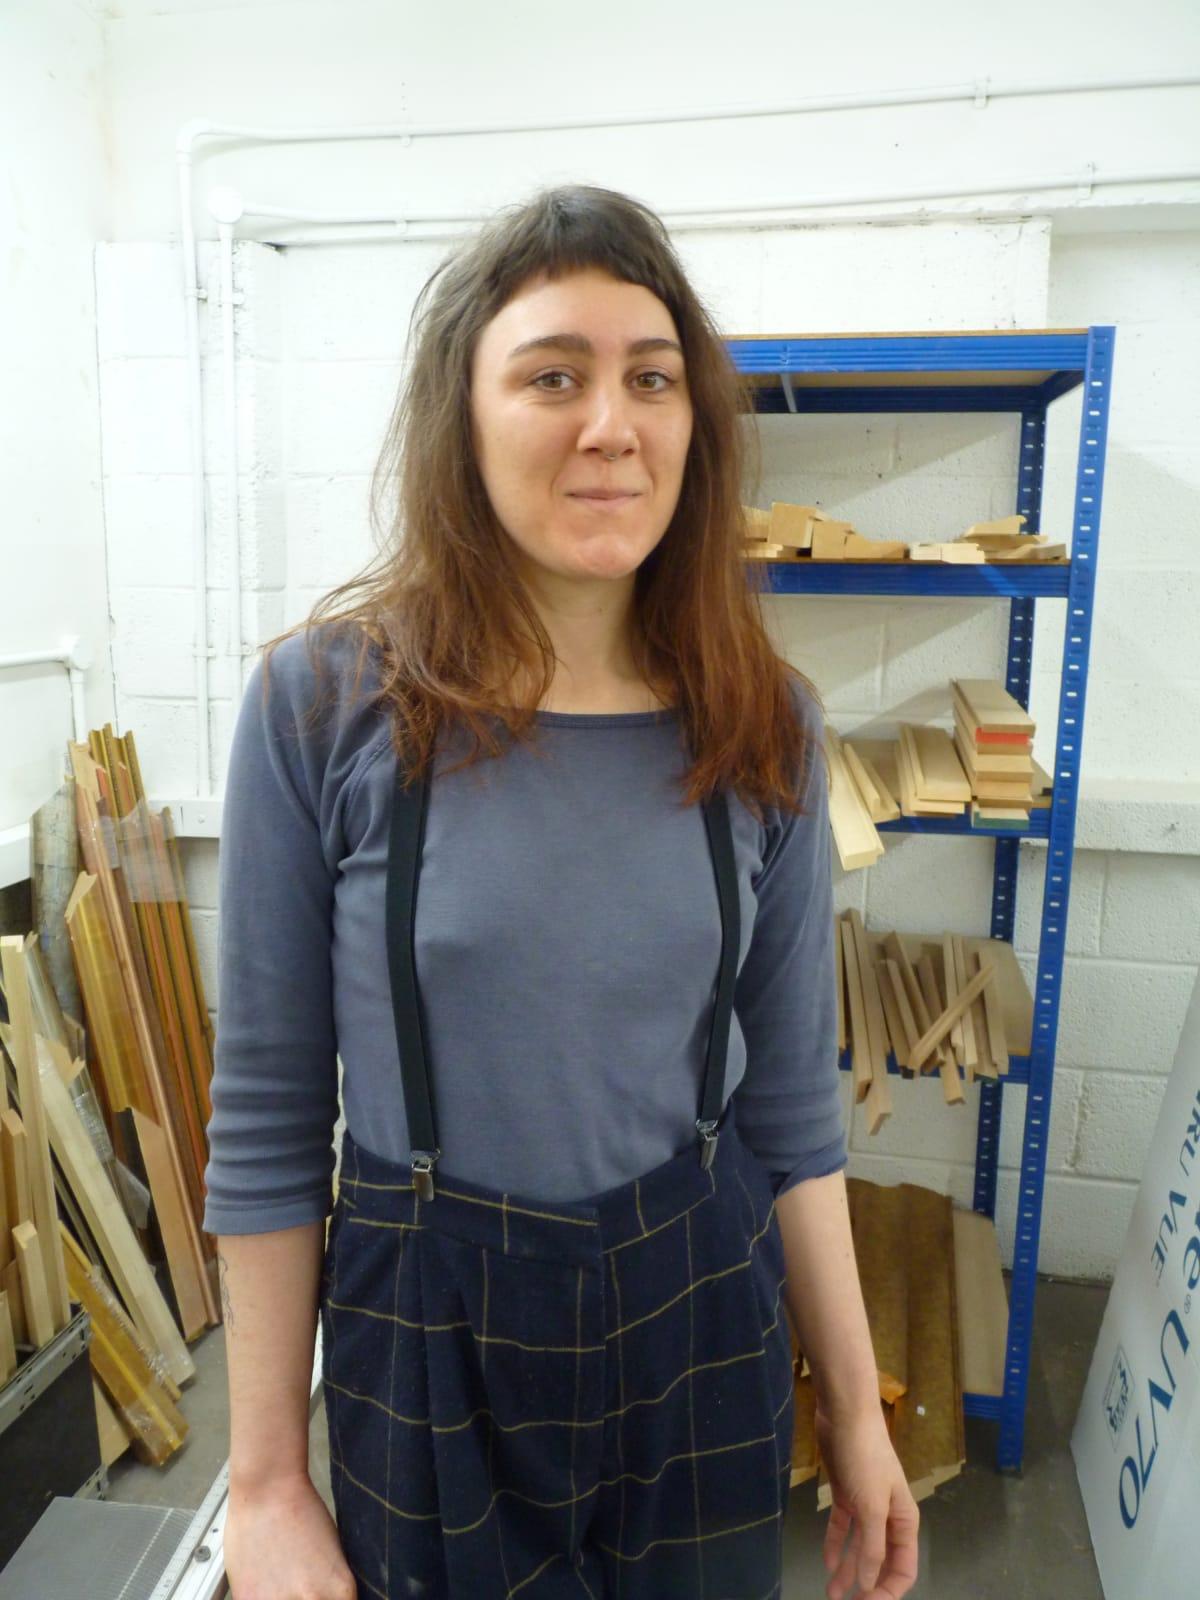 Esther Cooper-Gittins, Production Manager & Picture Framer